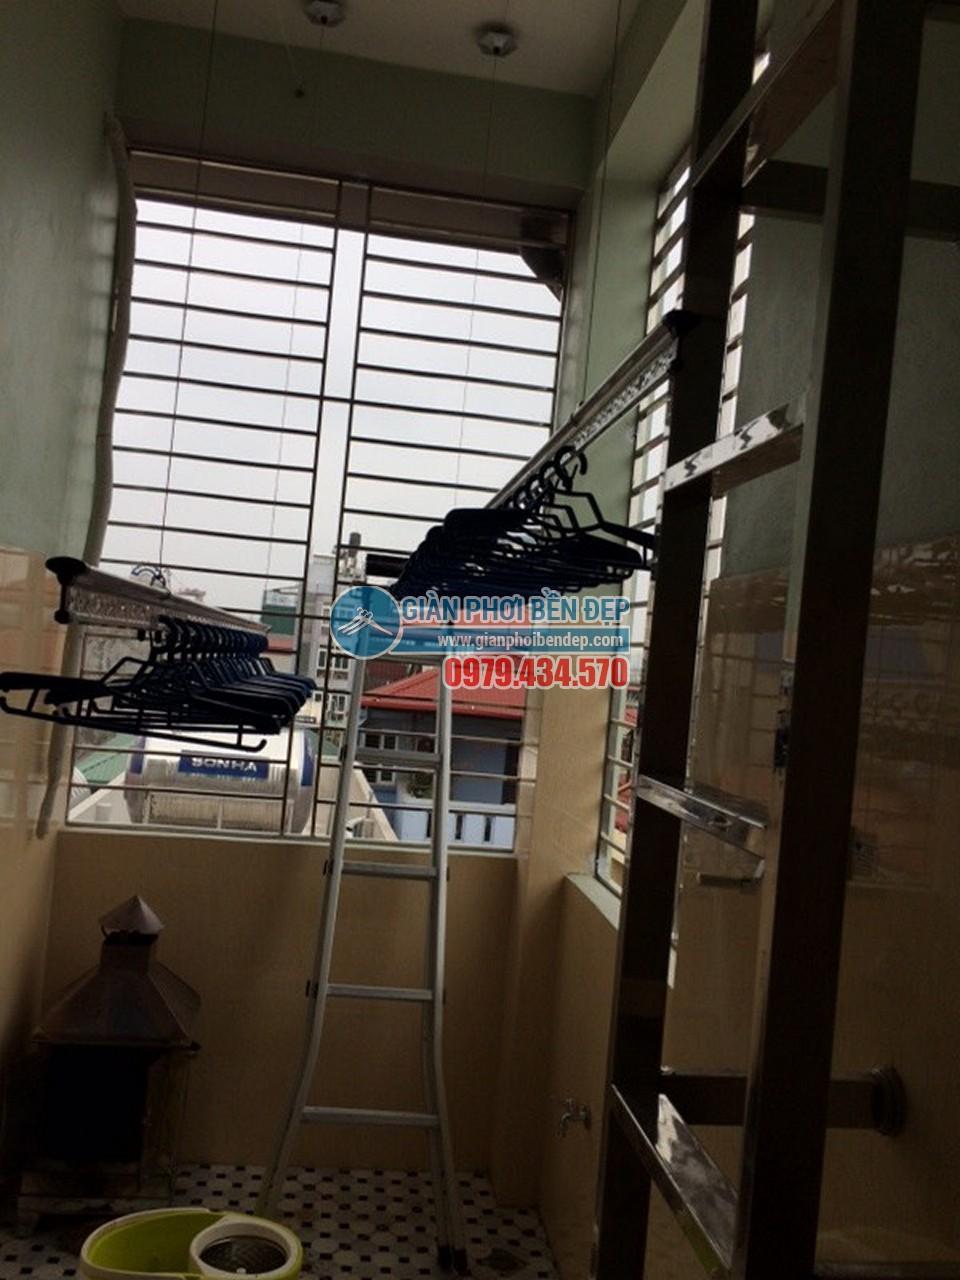 Toàn cảnh sân phơi với giàn phơi thông minh nhà chị Thảo, ngõ 177/18 Định Công - 05